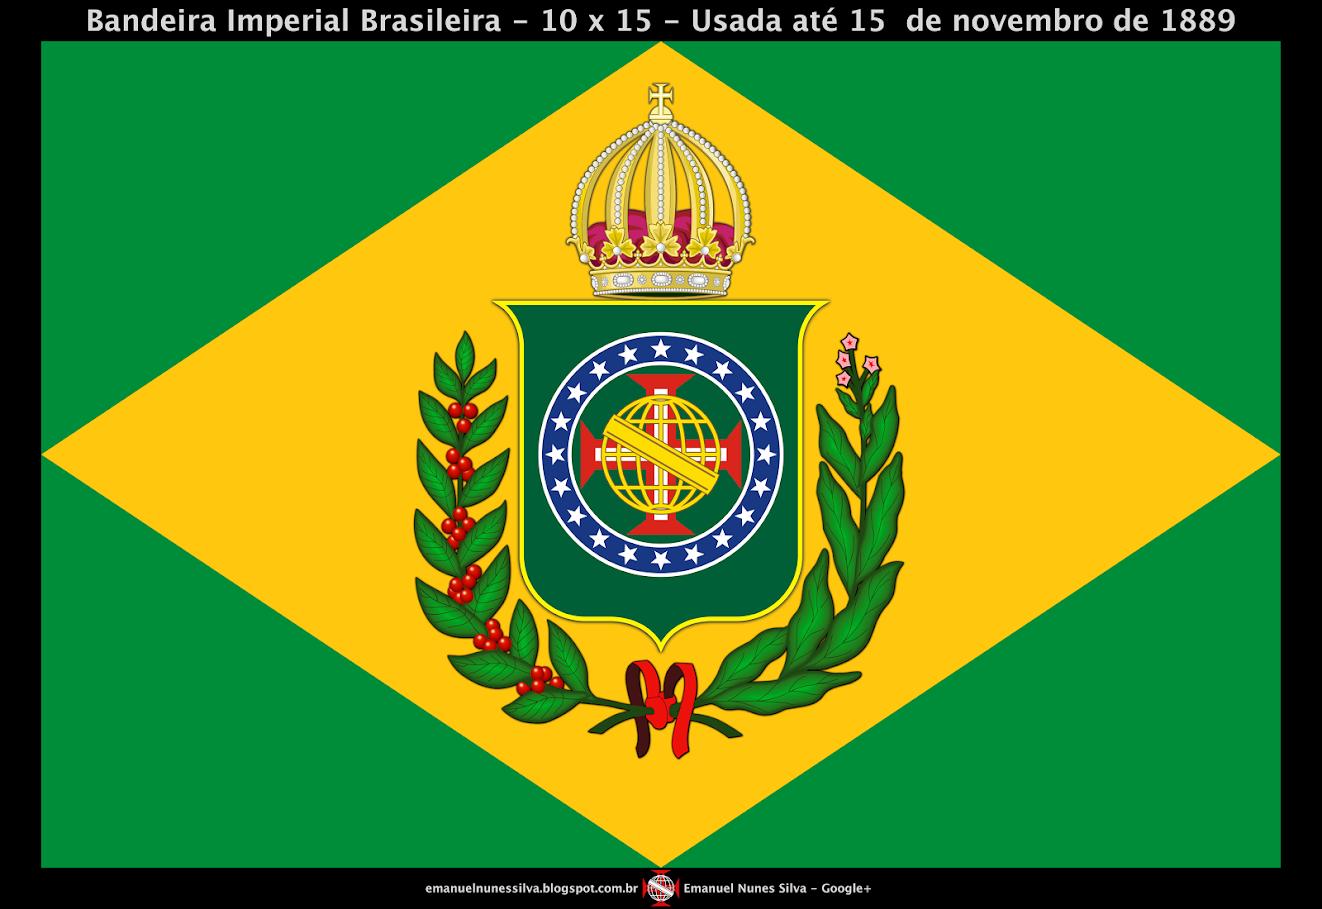 Bandeira do Brasil - Até 1889 - Modelo (10 X 15) - Crédito da Imagem: Emanuel Nunes Silva